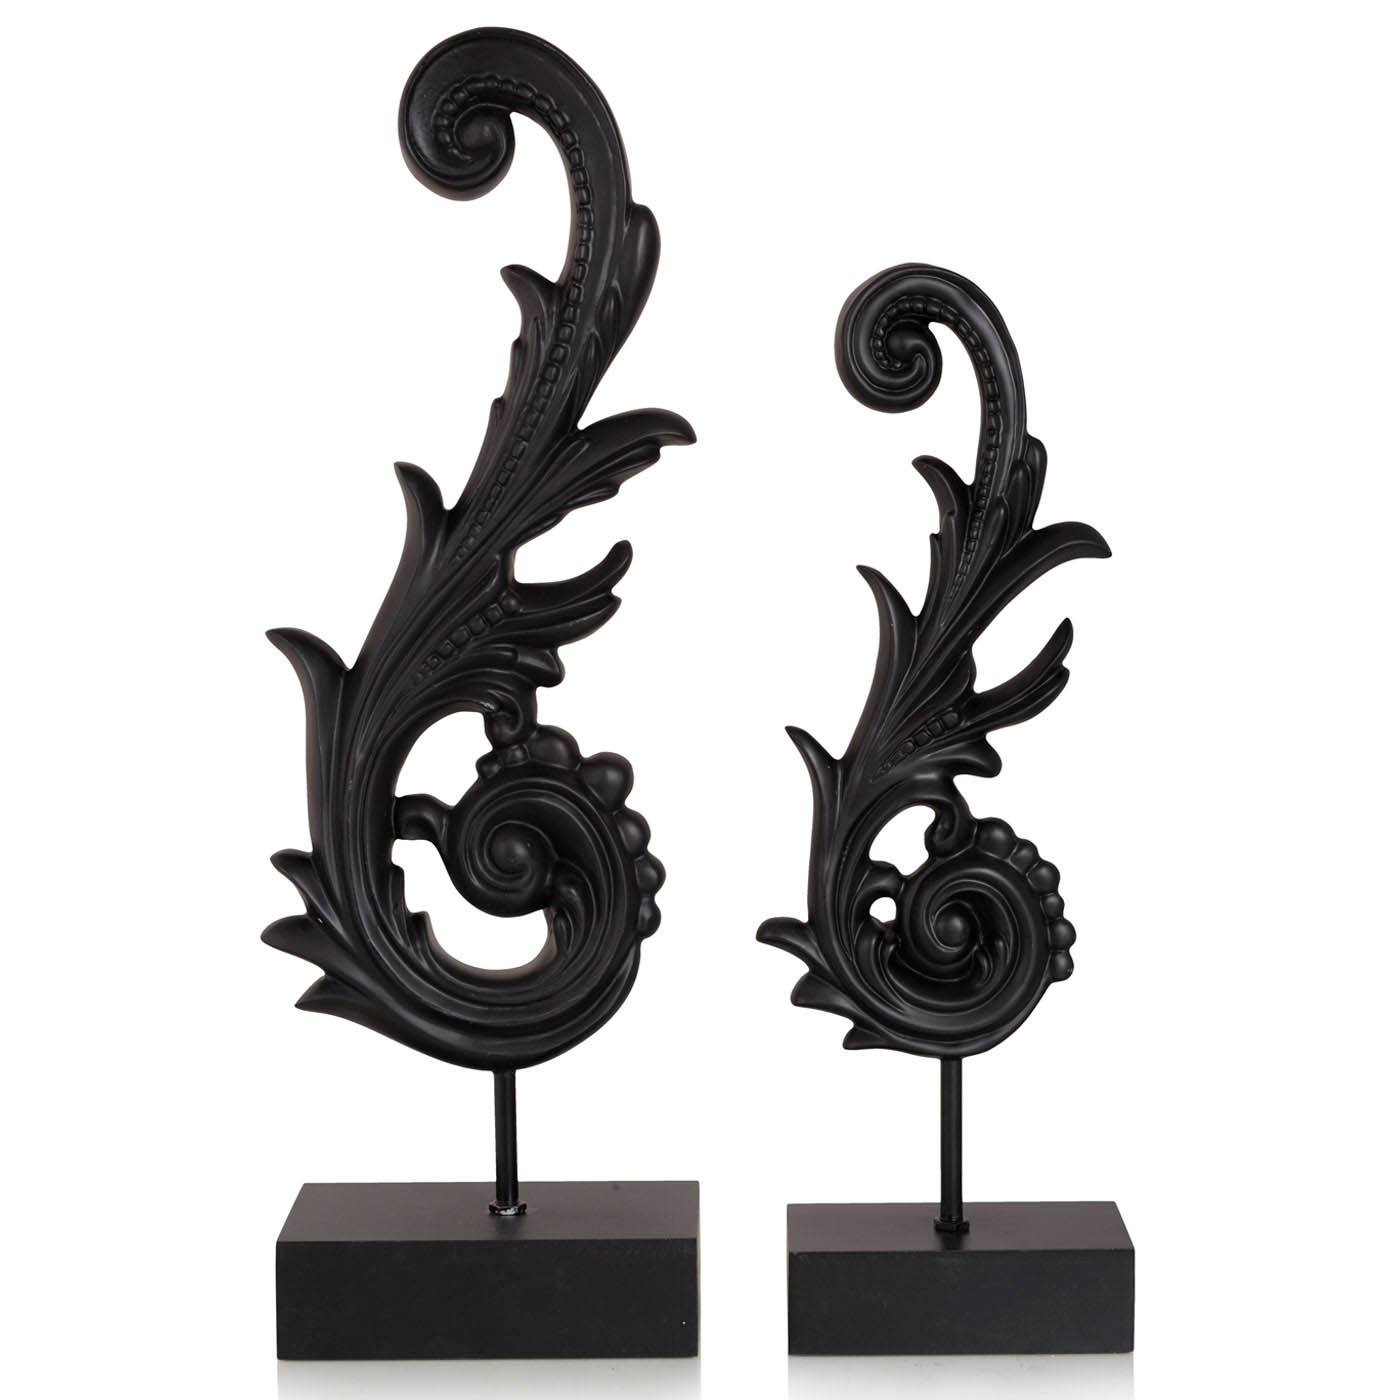 Купить Статуэтки и фигурки Home Philosophy, Фигурка Kanew Цвет: Черный (10х17х53 см, большая), Китай, Полирезин